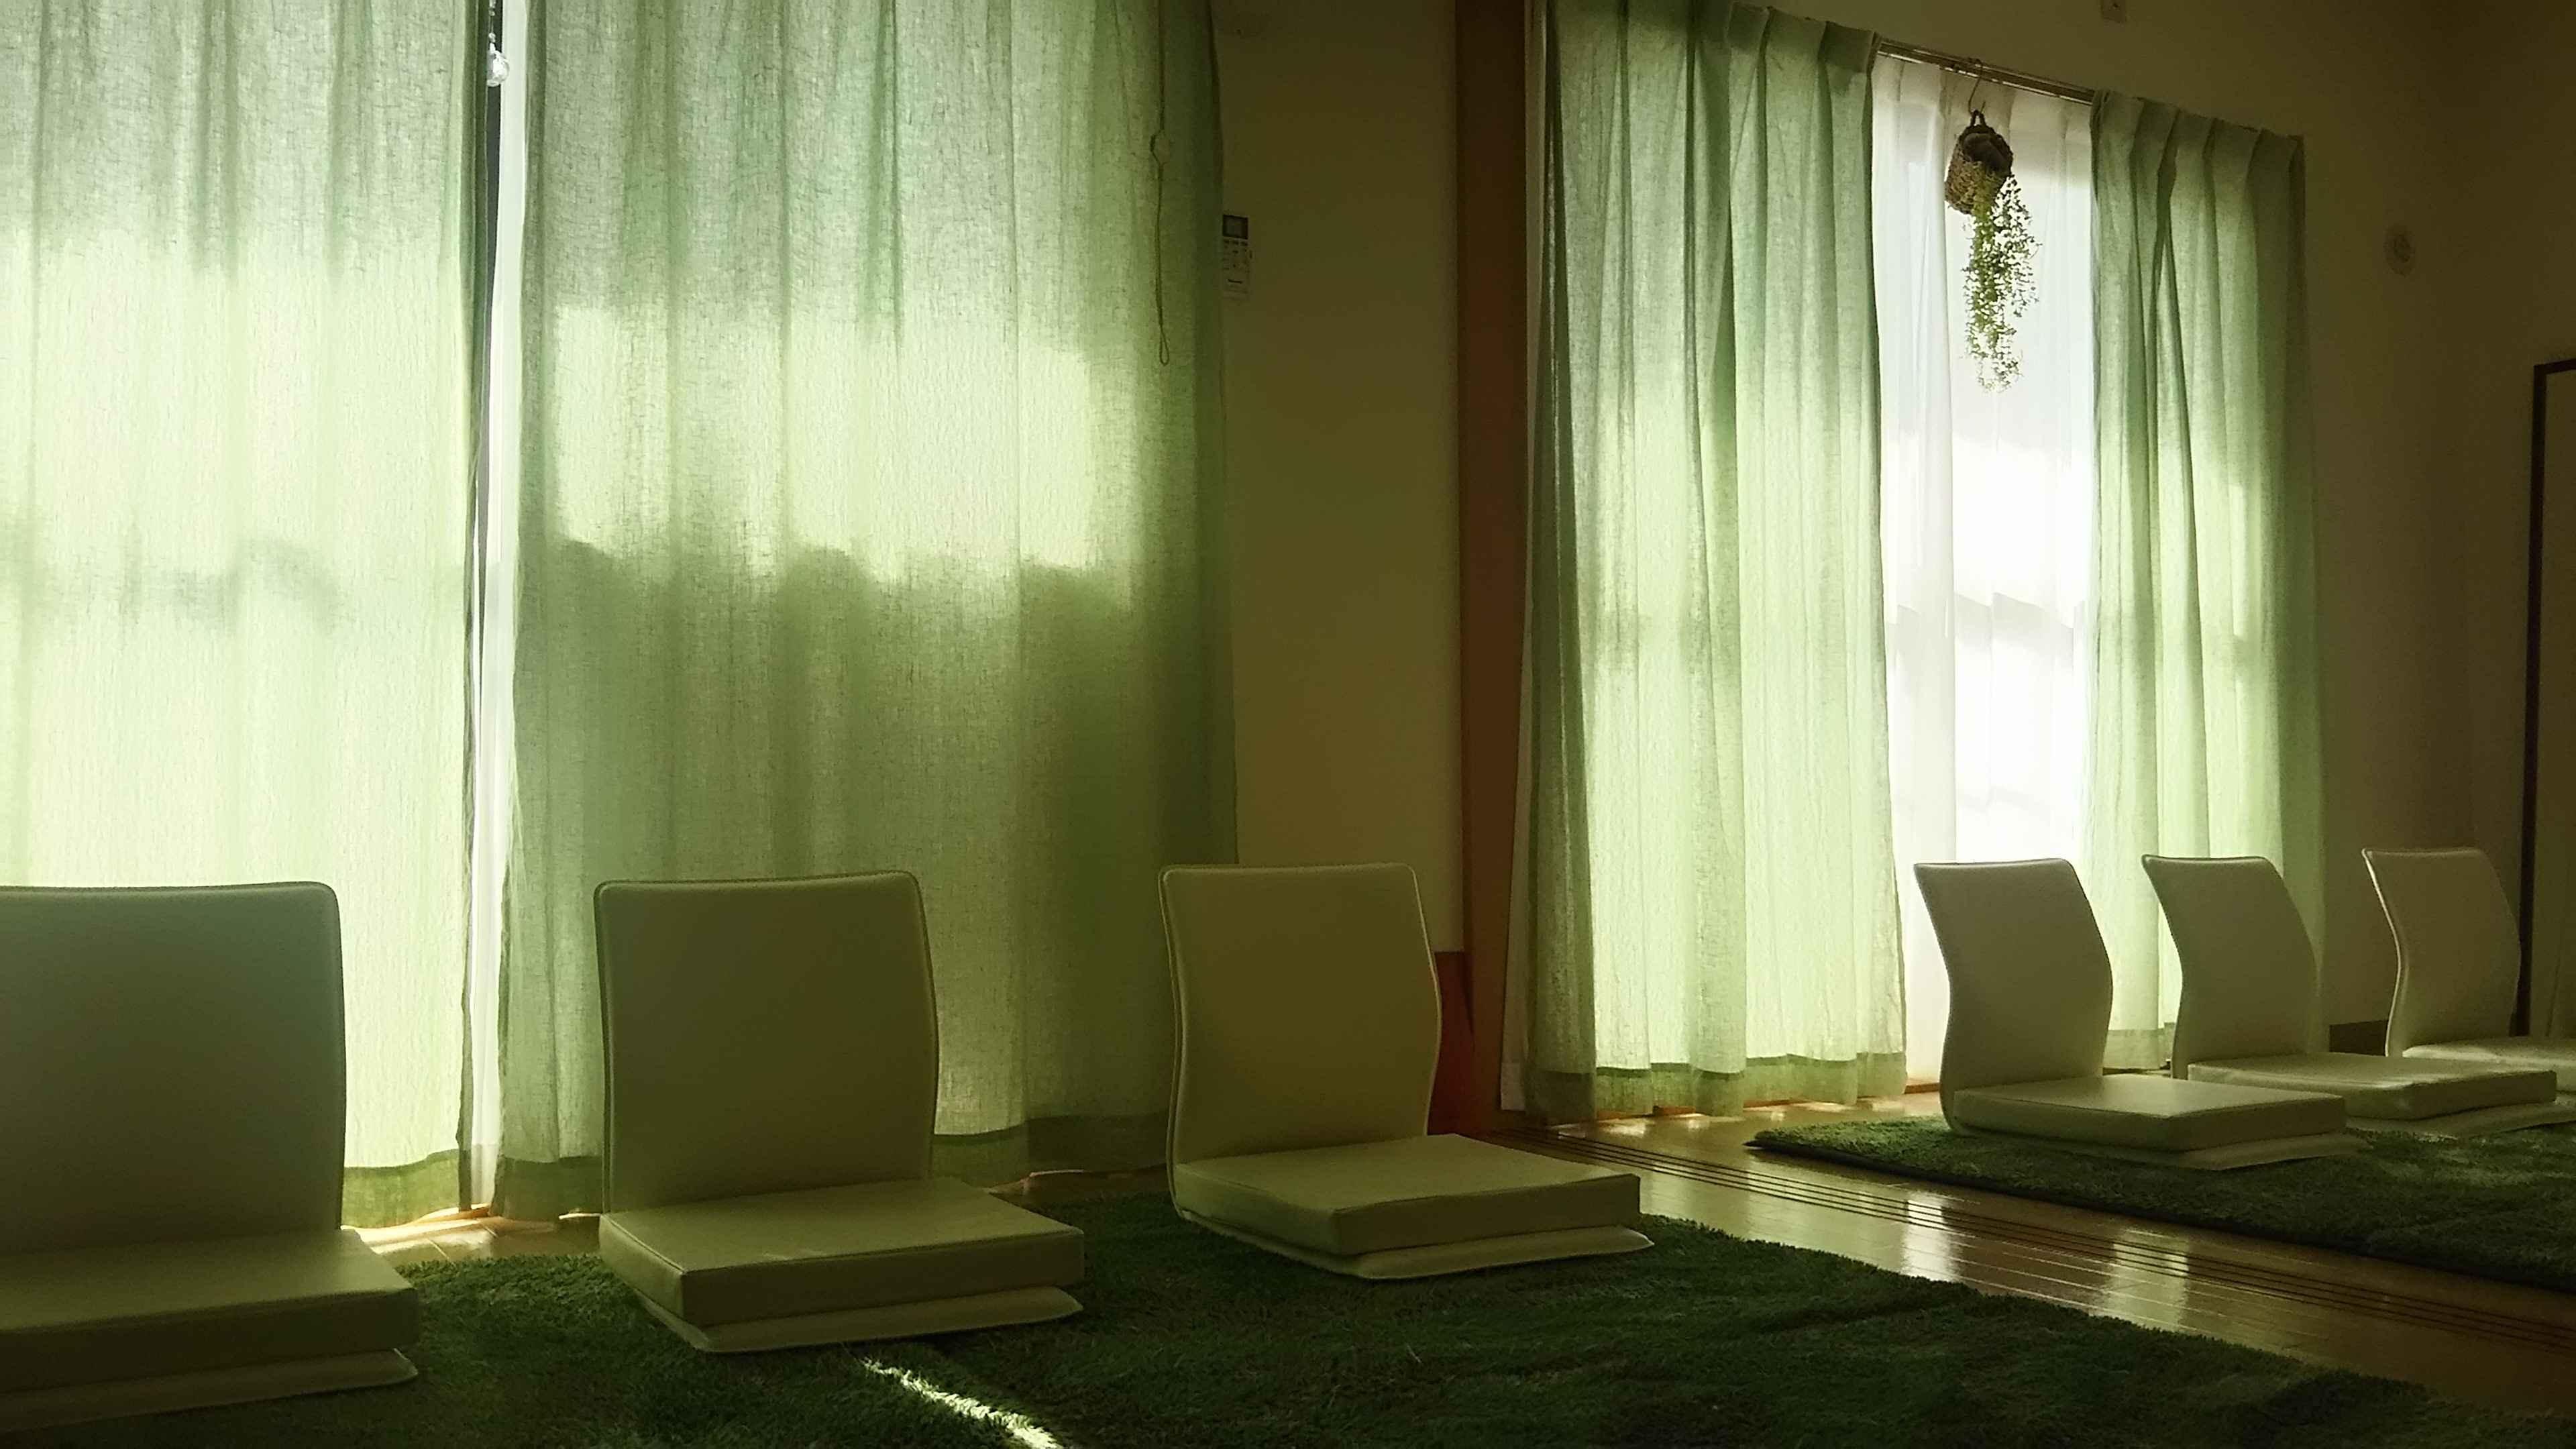 瞑想&ビーガンスイーツ 〜瞑想テクニックで思考をスッキリ!〜